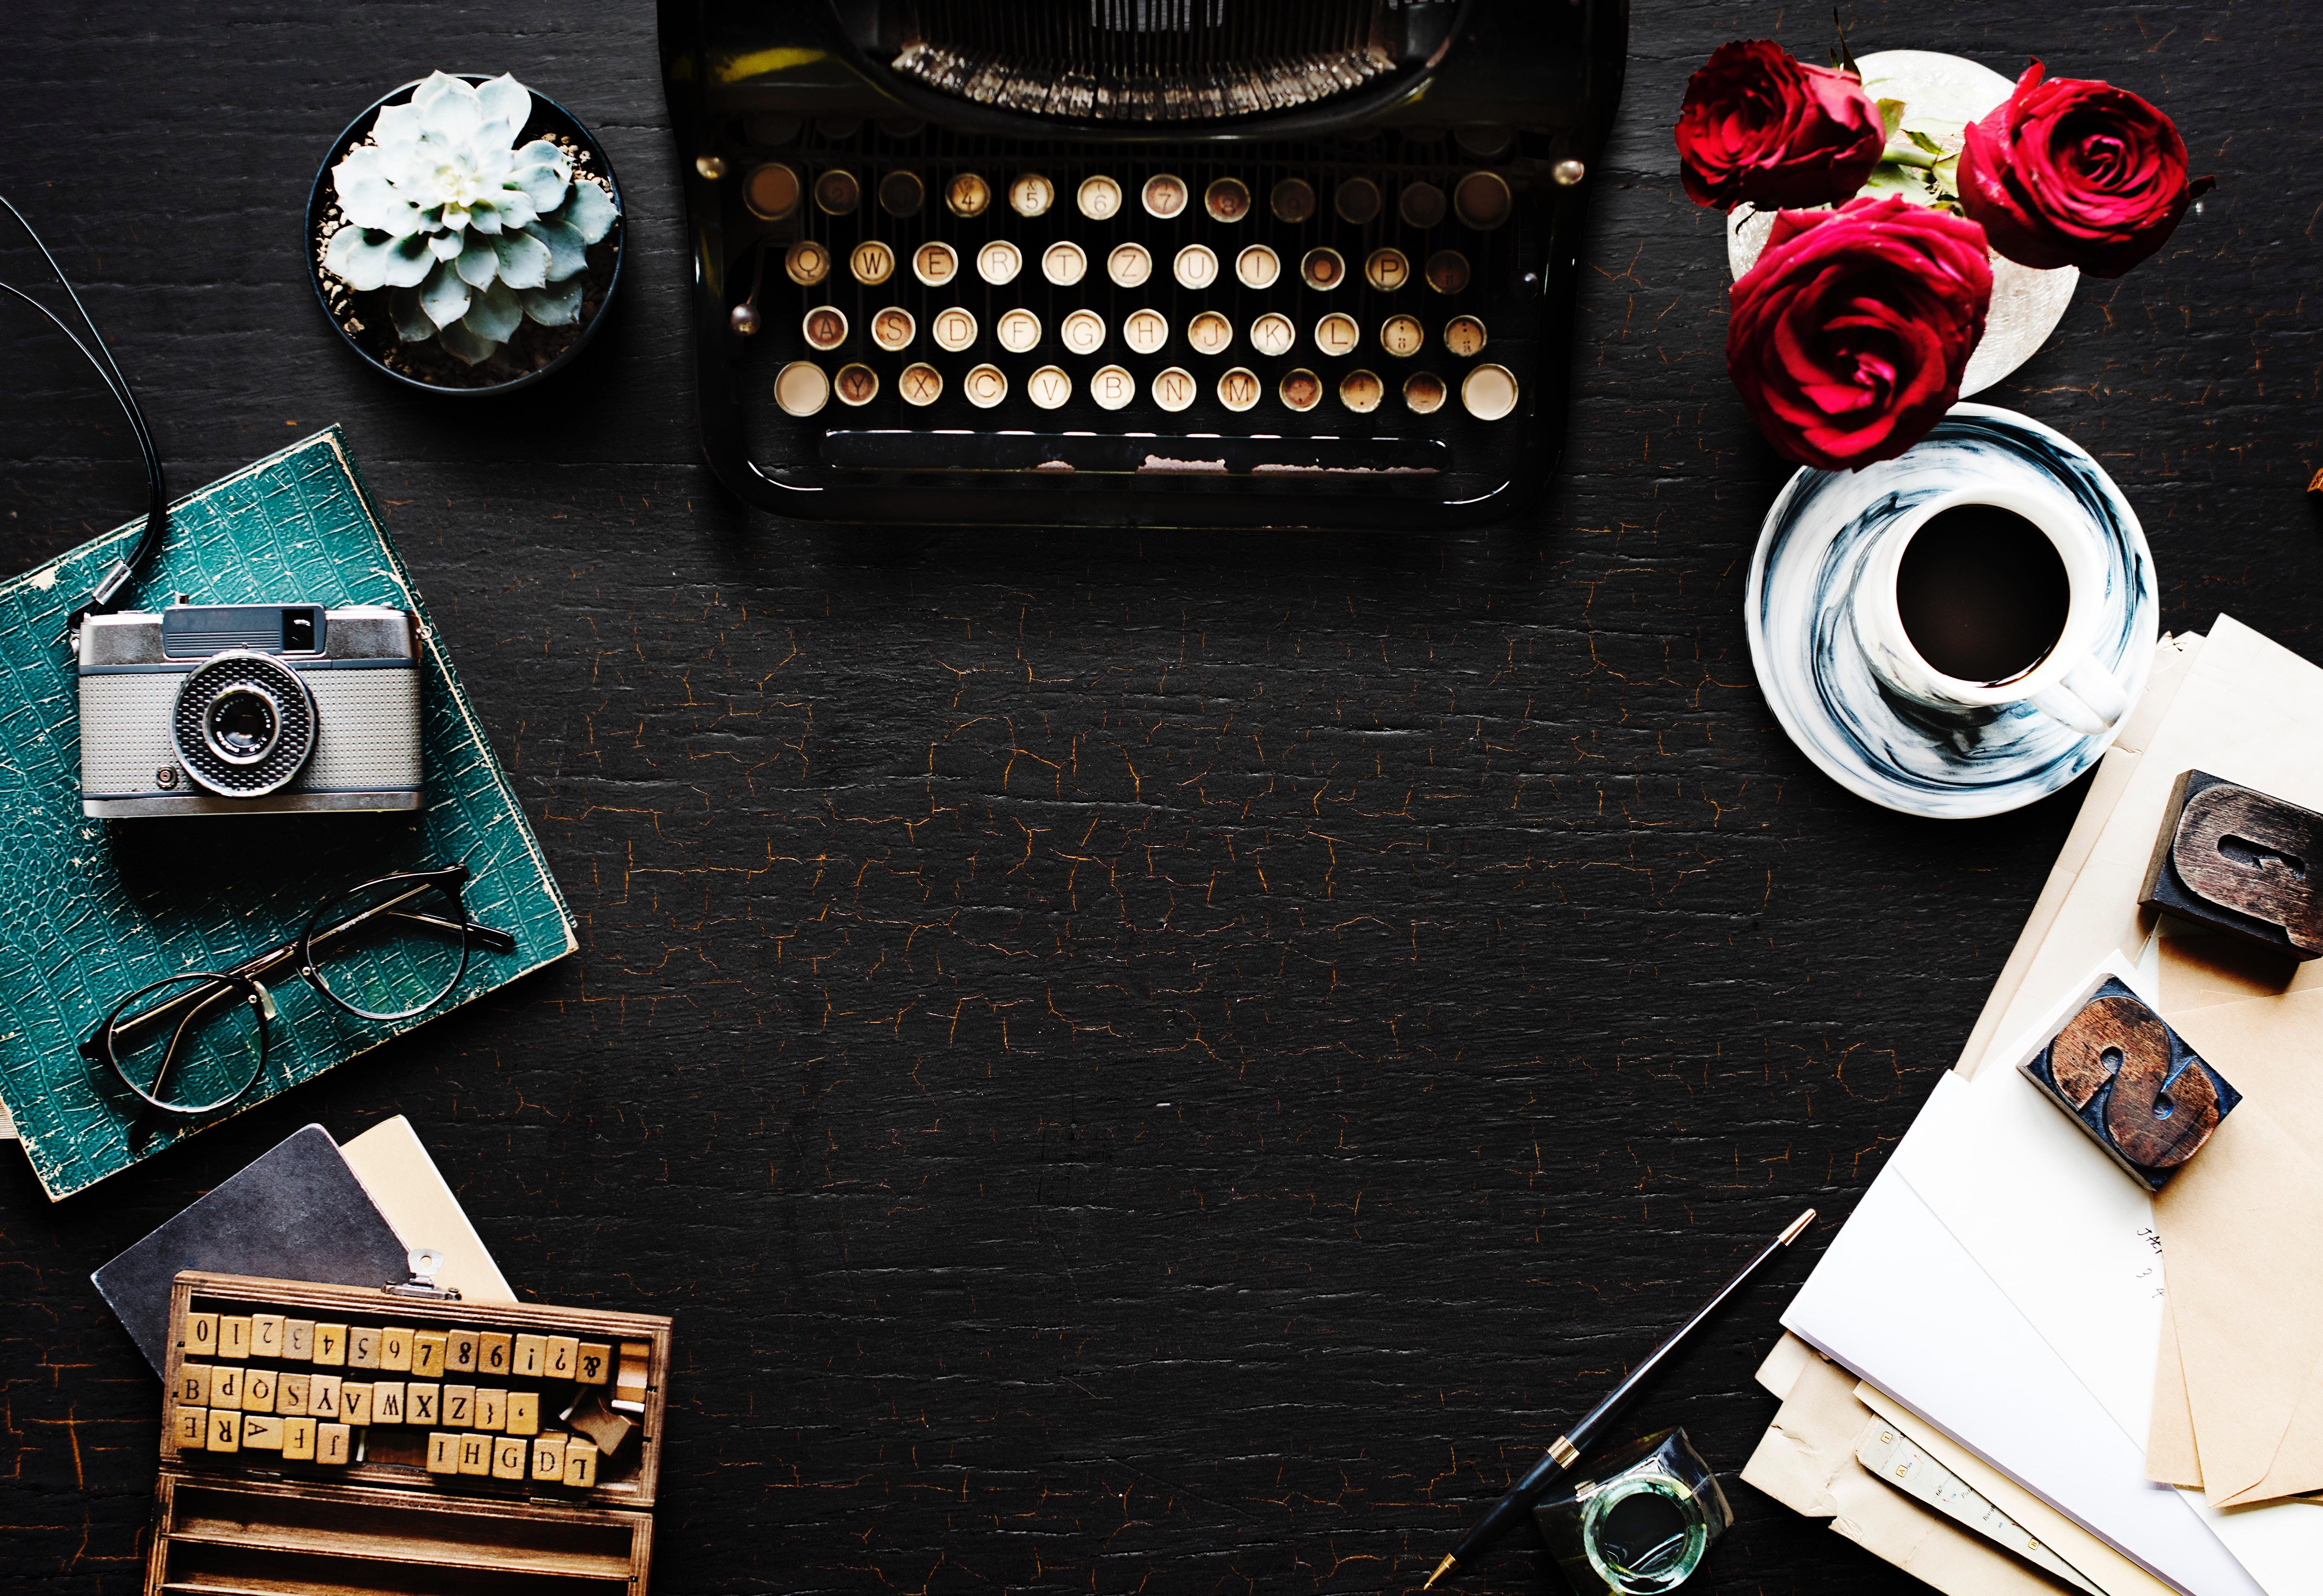 typwriter - rawpixel